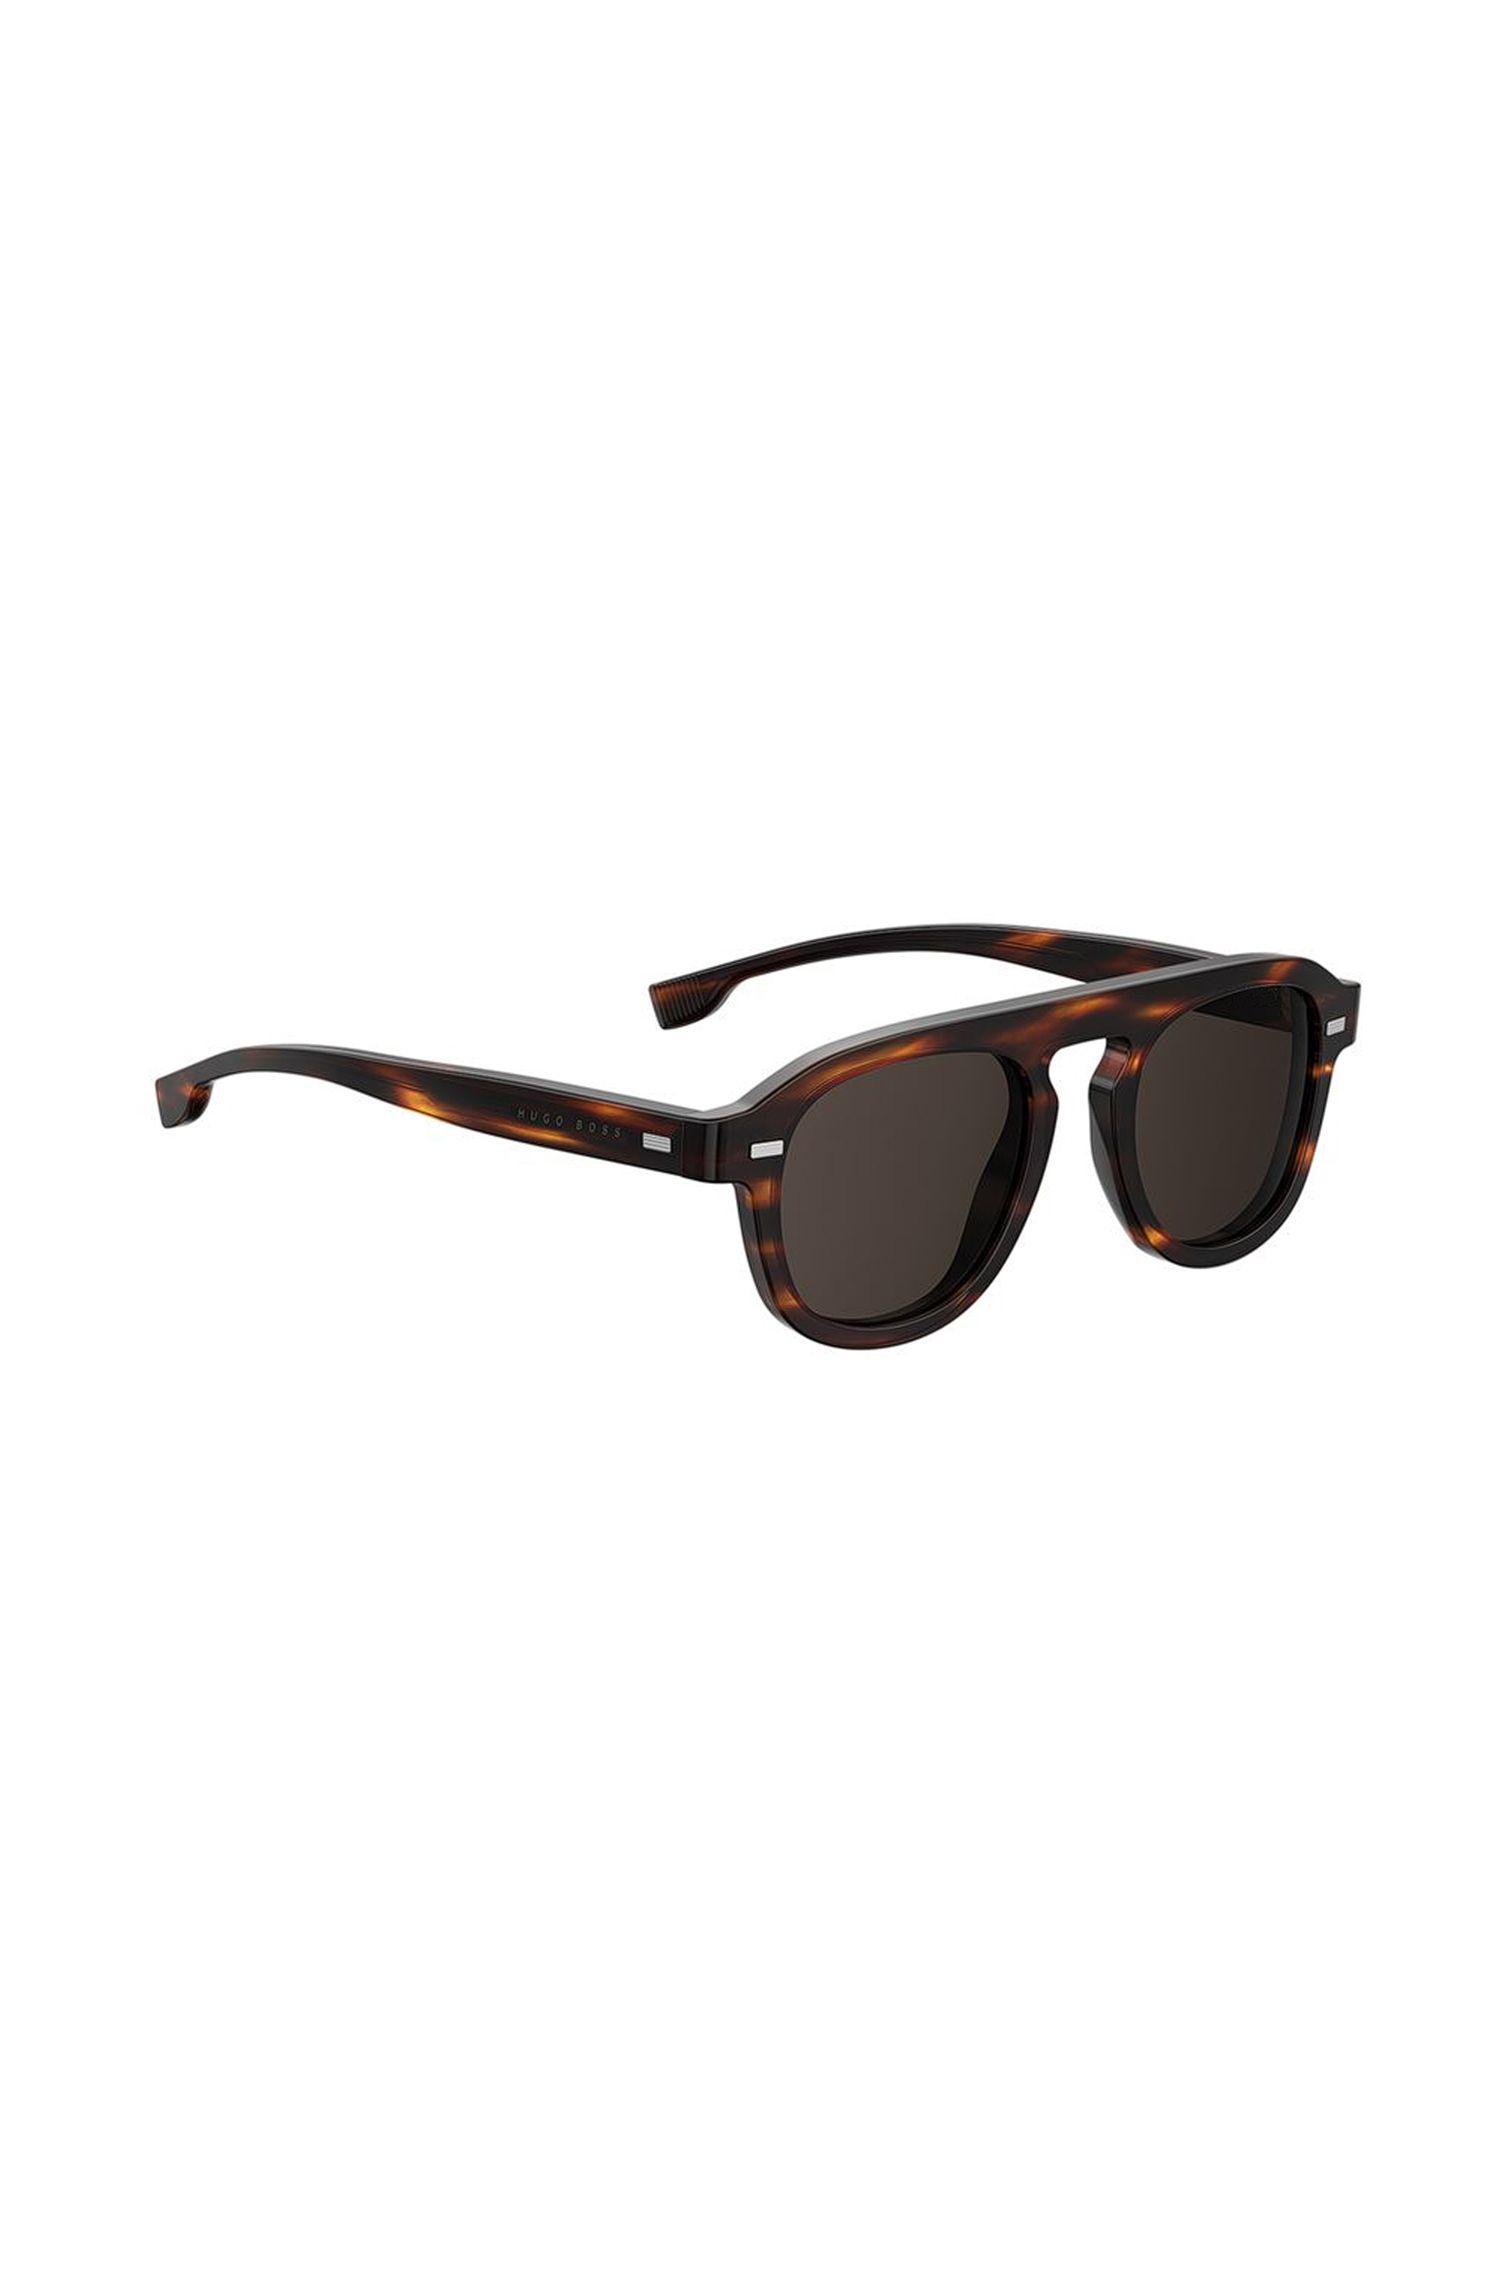 Sonnenbrille aus Acetat mit Havanna-Muster im Vintage-Stil, Gemustert